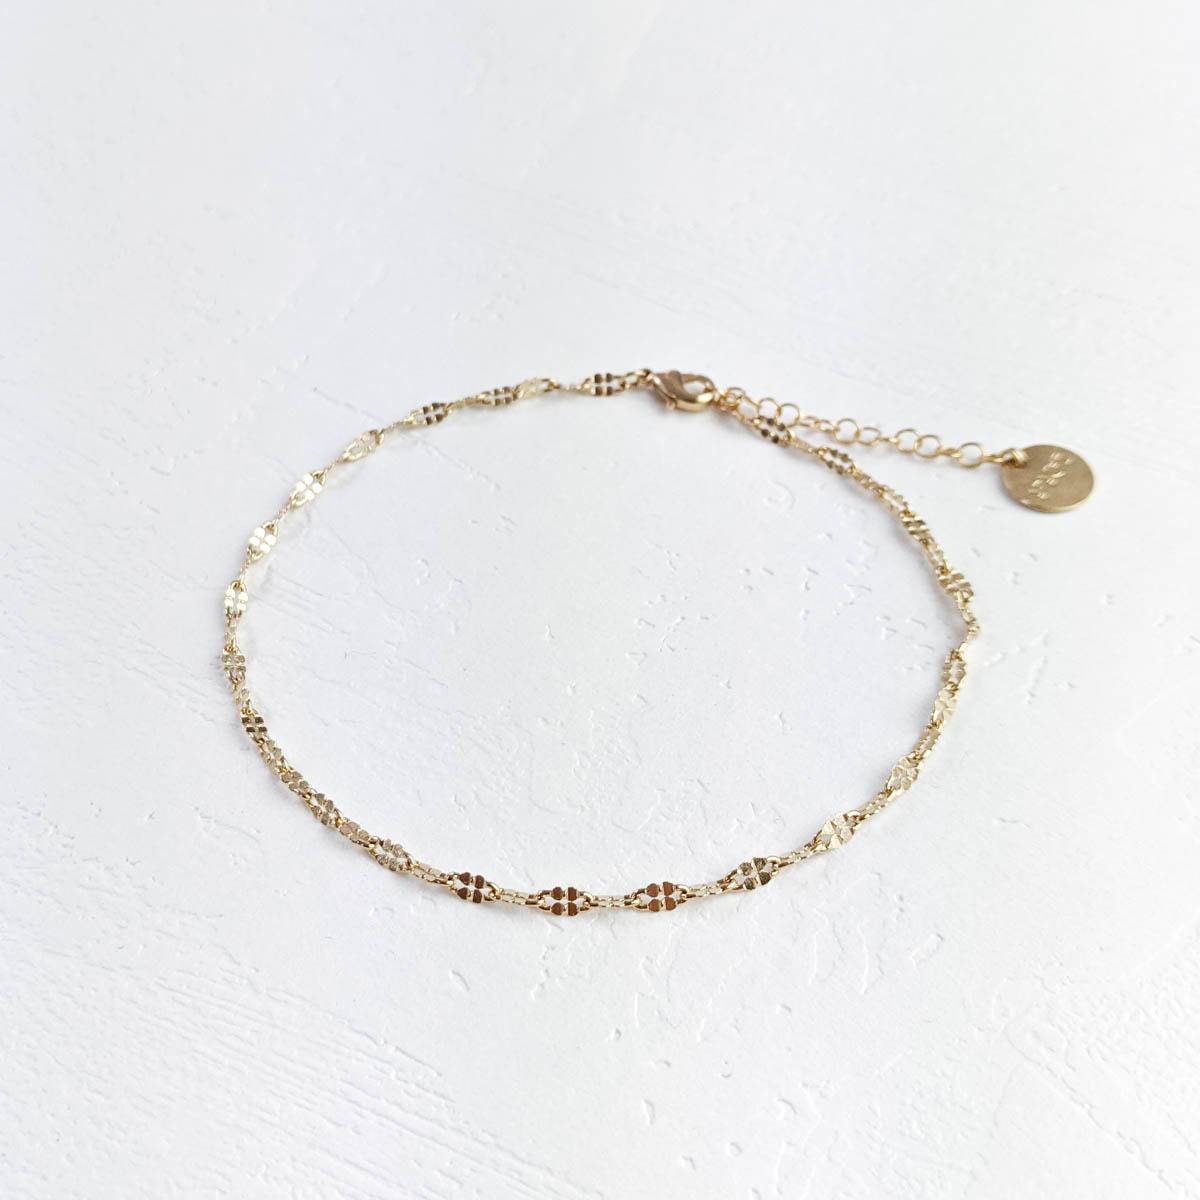 CHAINE-cheville-apache-bijoux